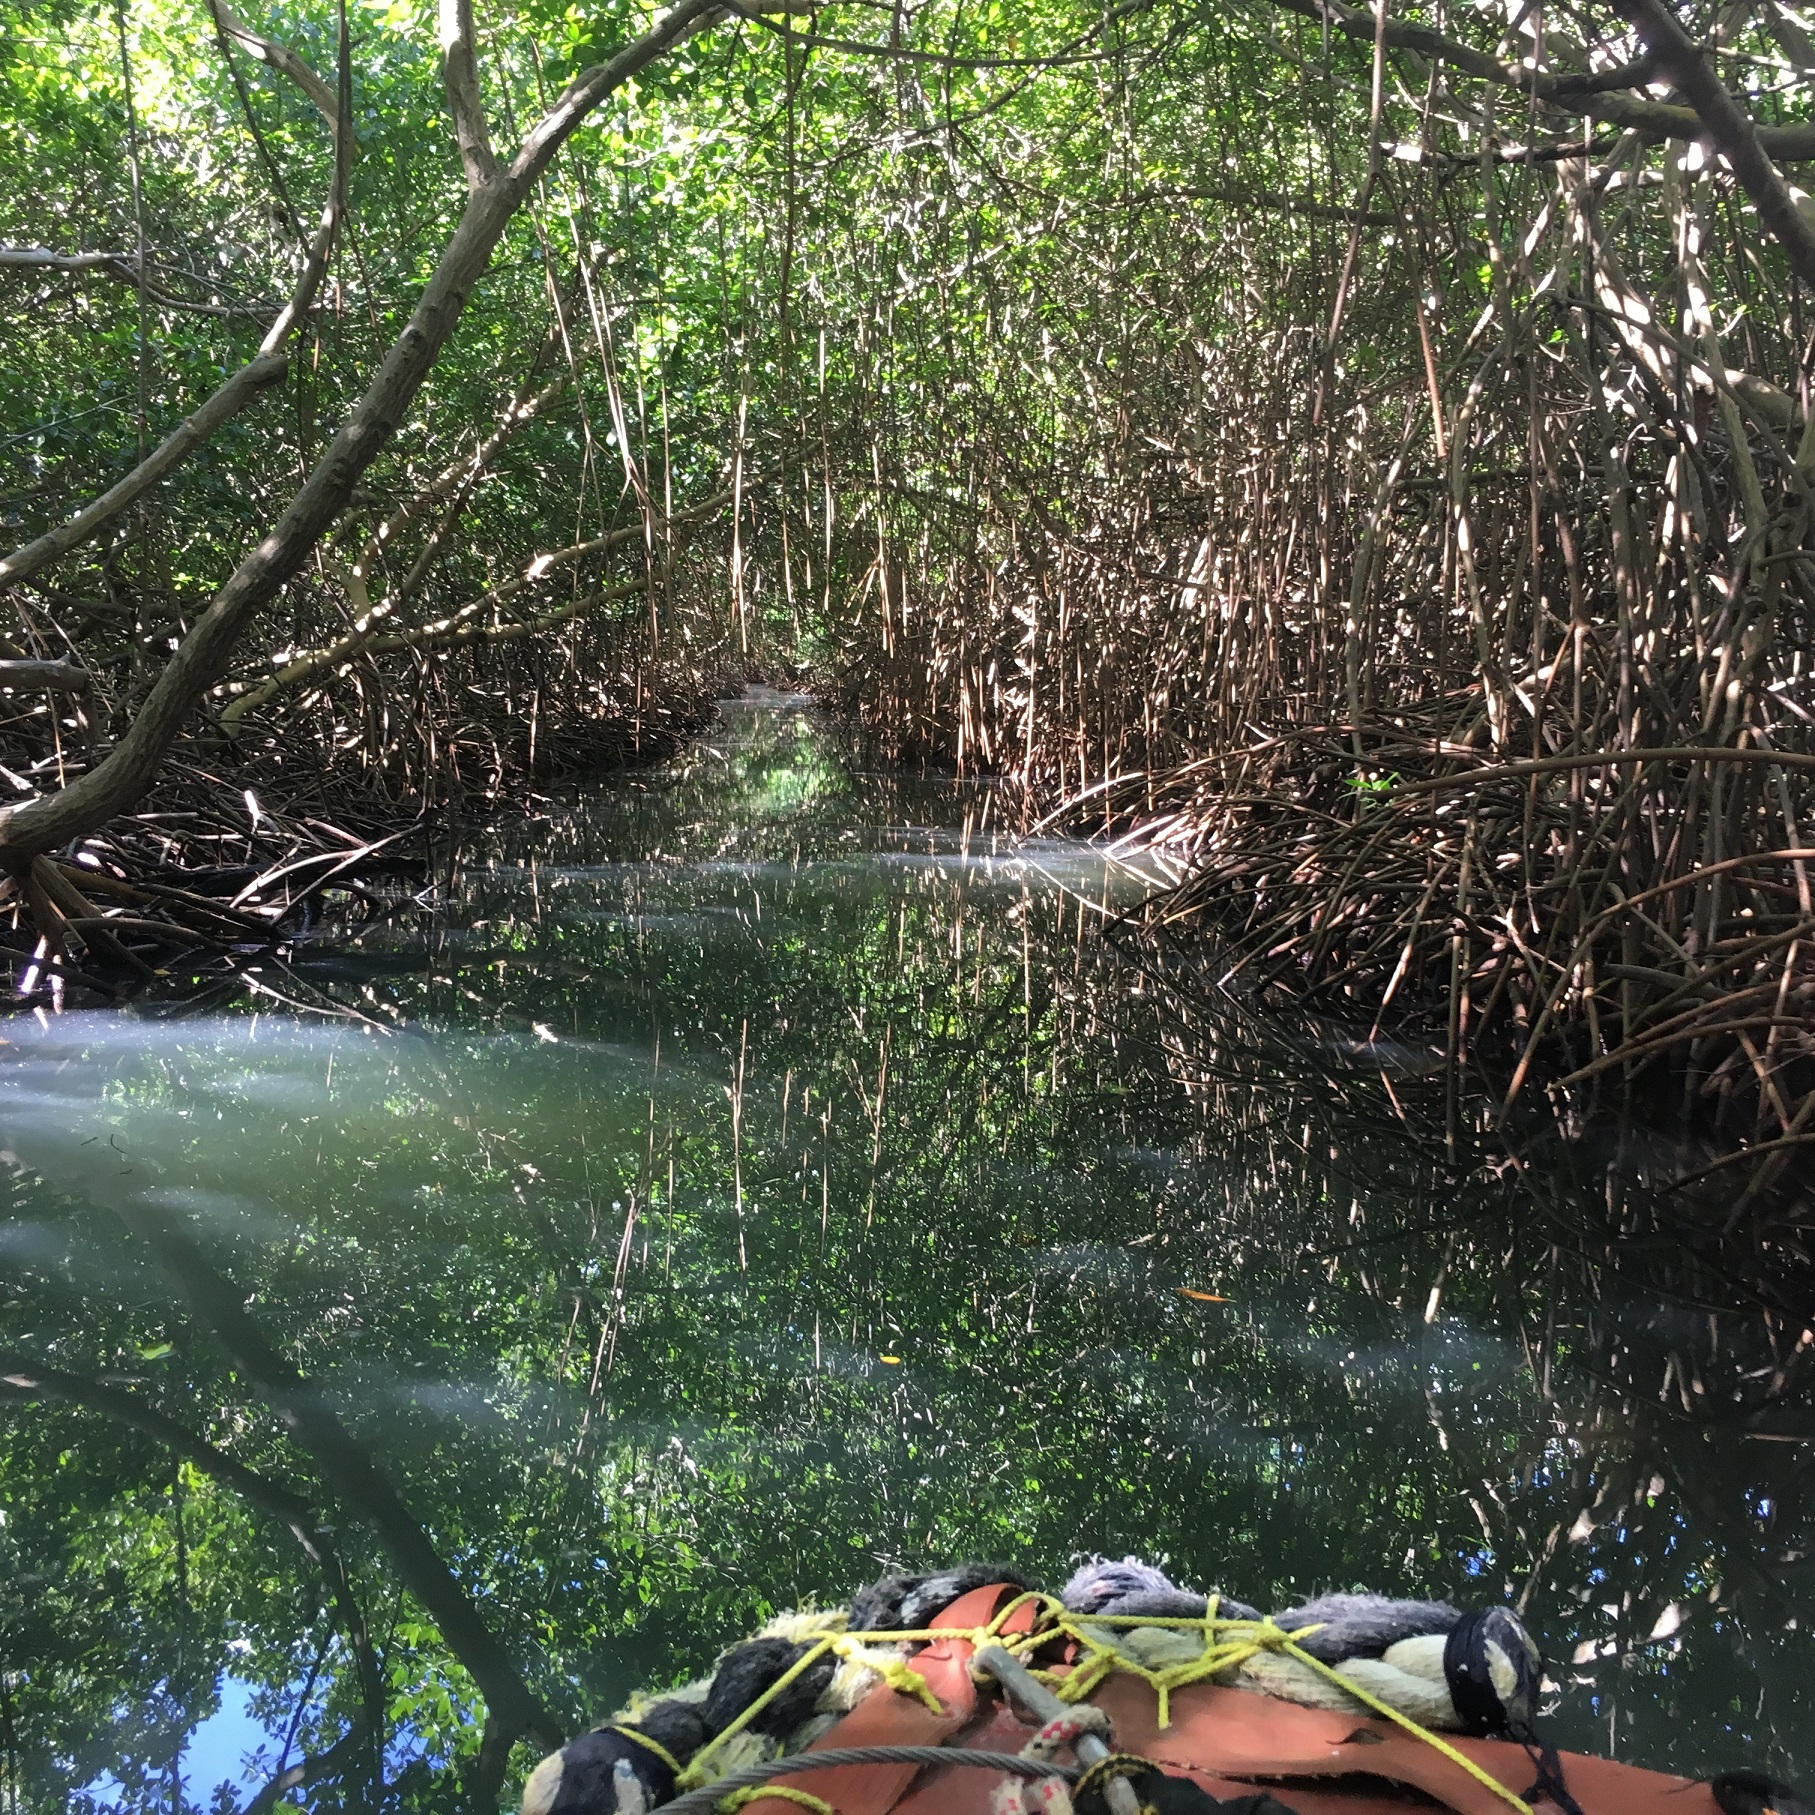 Le canal s'enfonce dans la mangrove